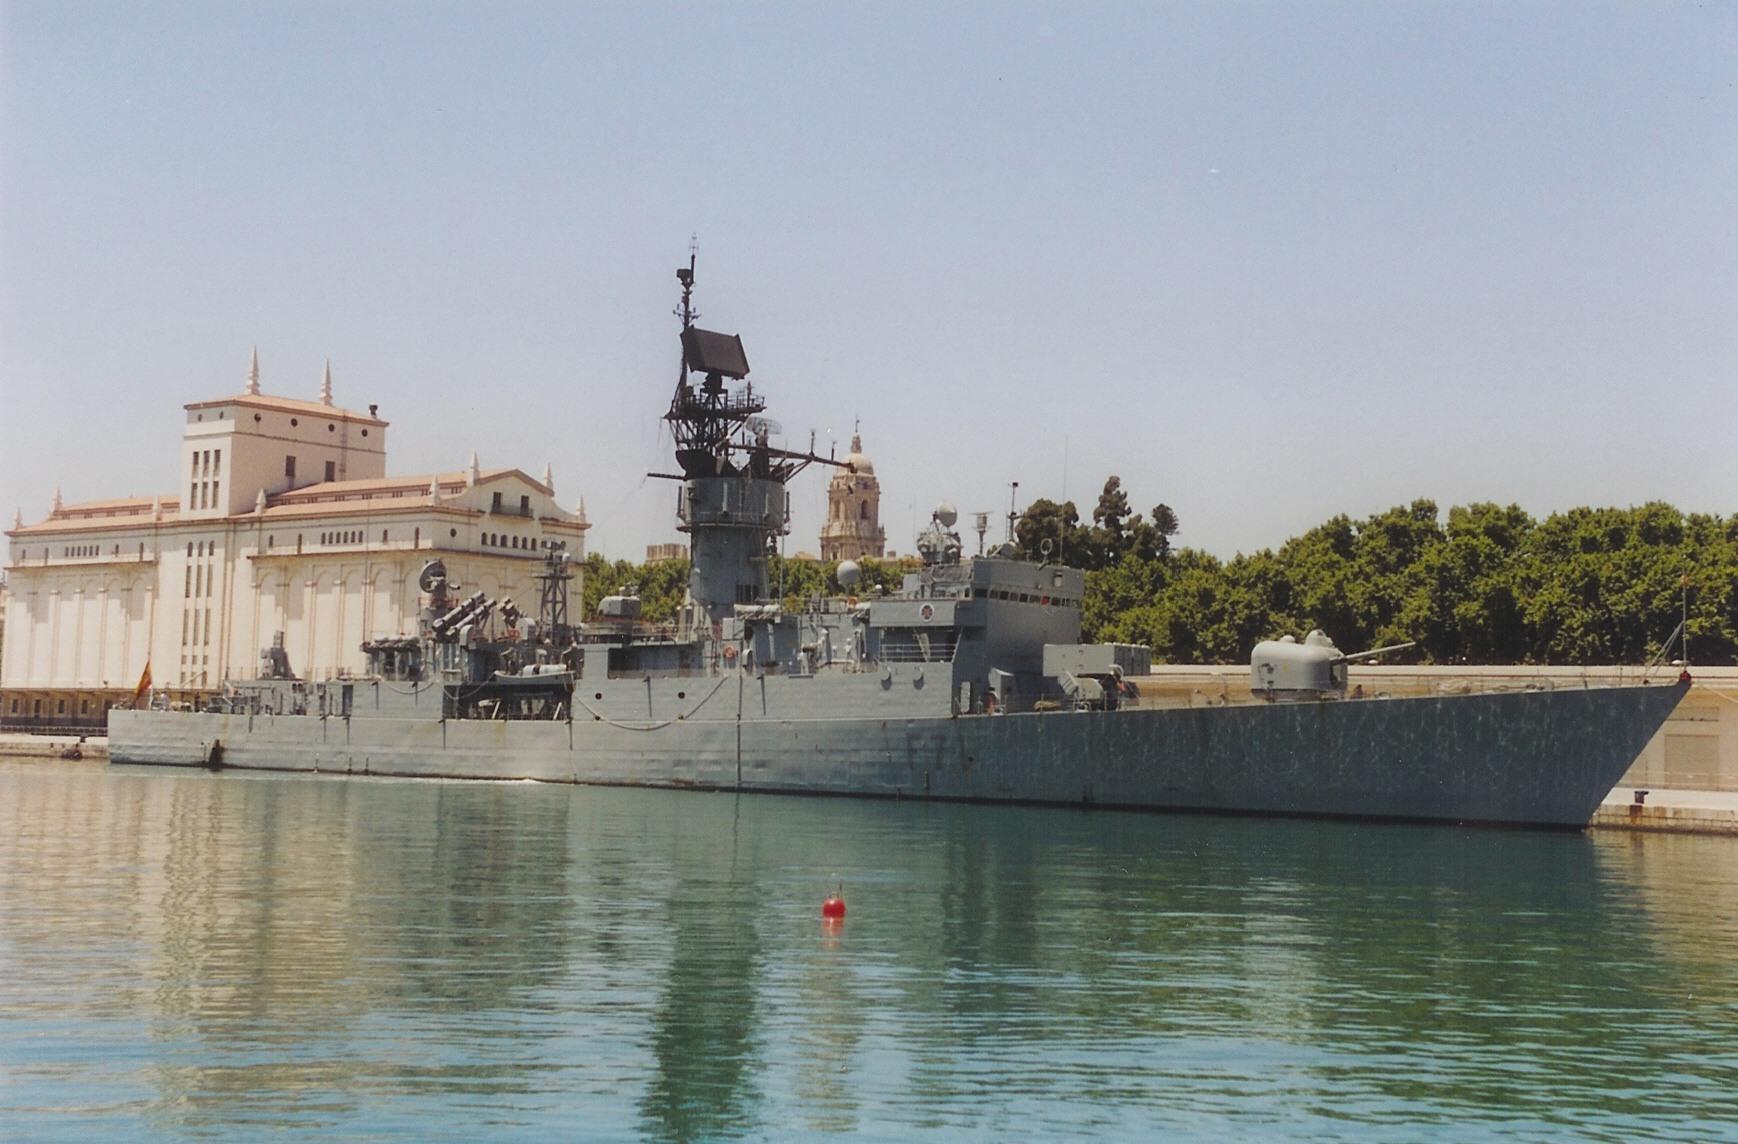 DISEÑO Y CONSTRUCCION DE UNA FRAGATA MEXICANA Spanish_frigate_Baleares_%28F_71%29-01